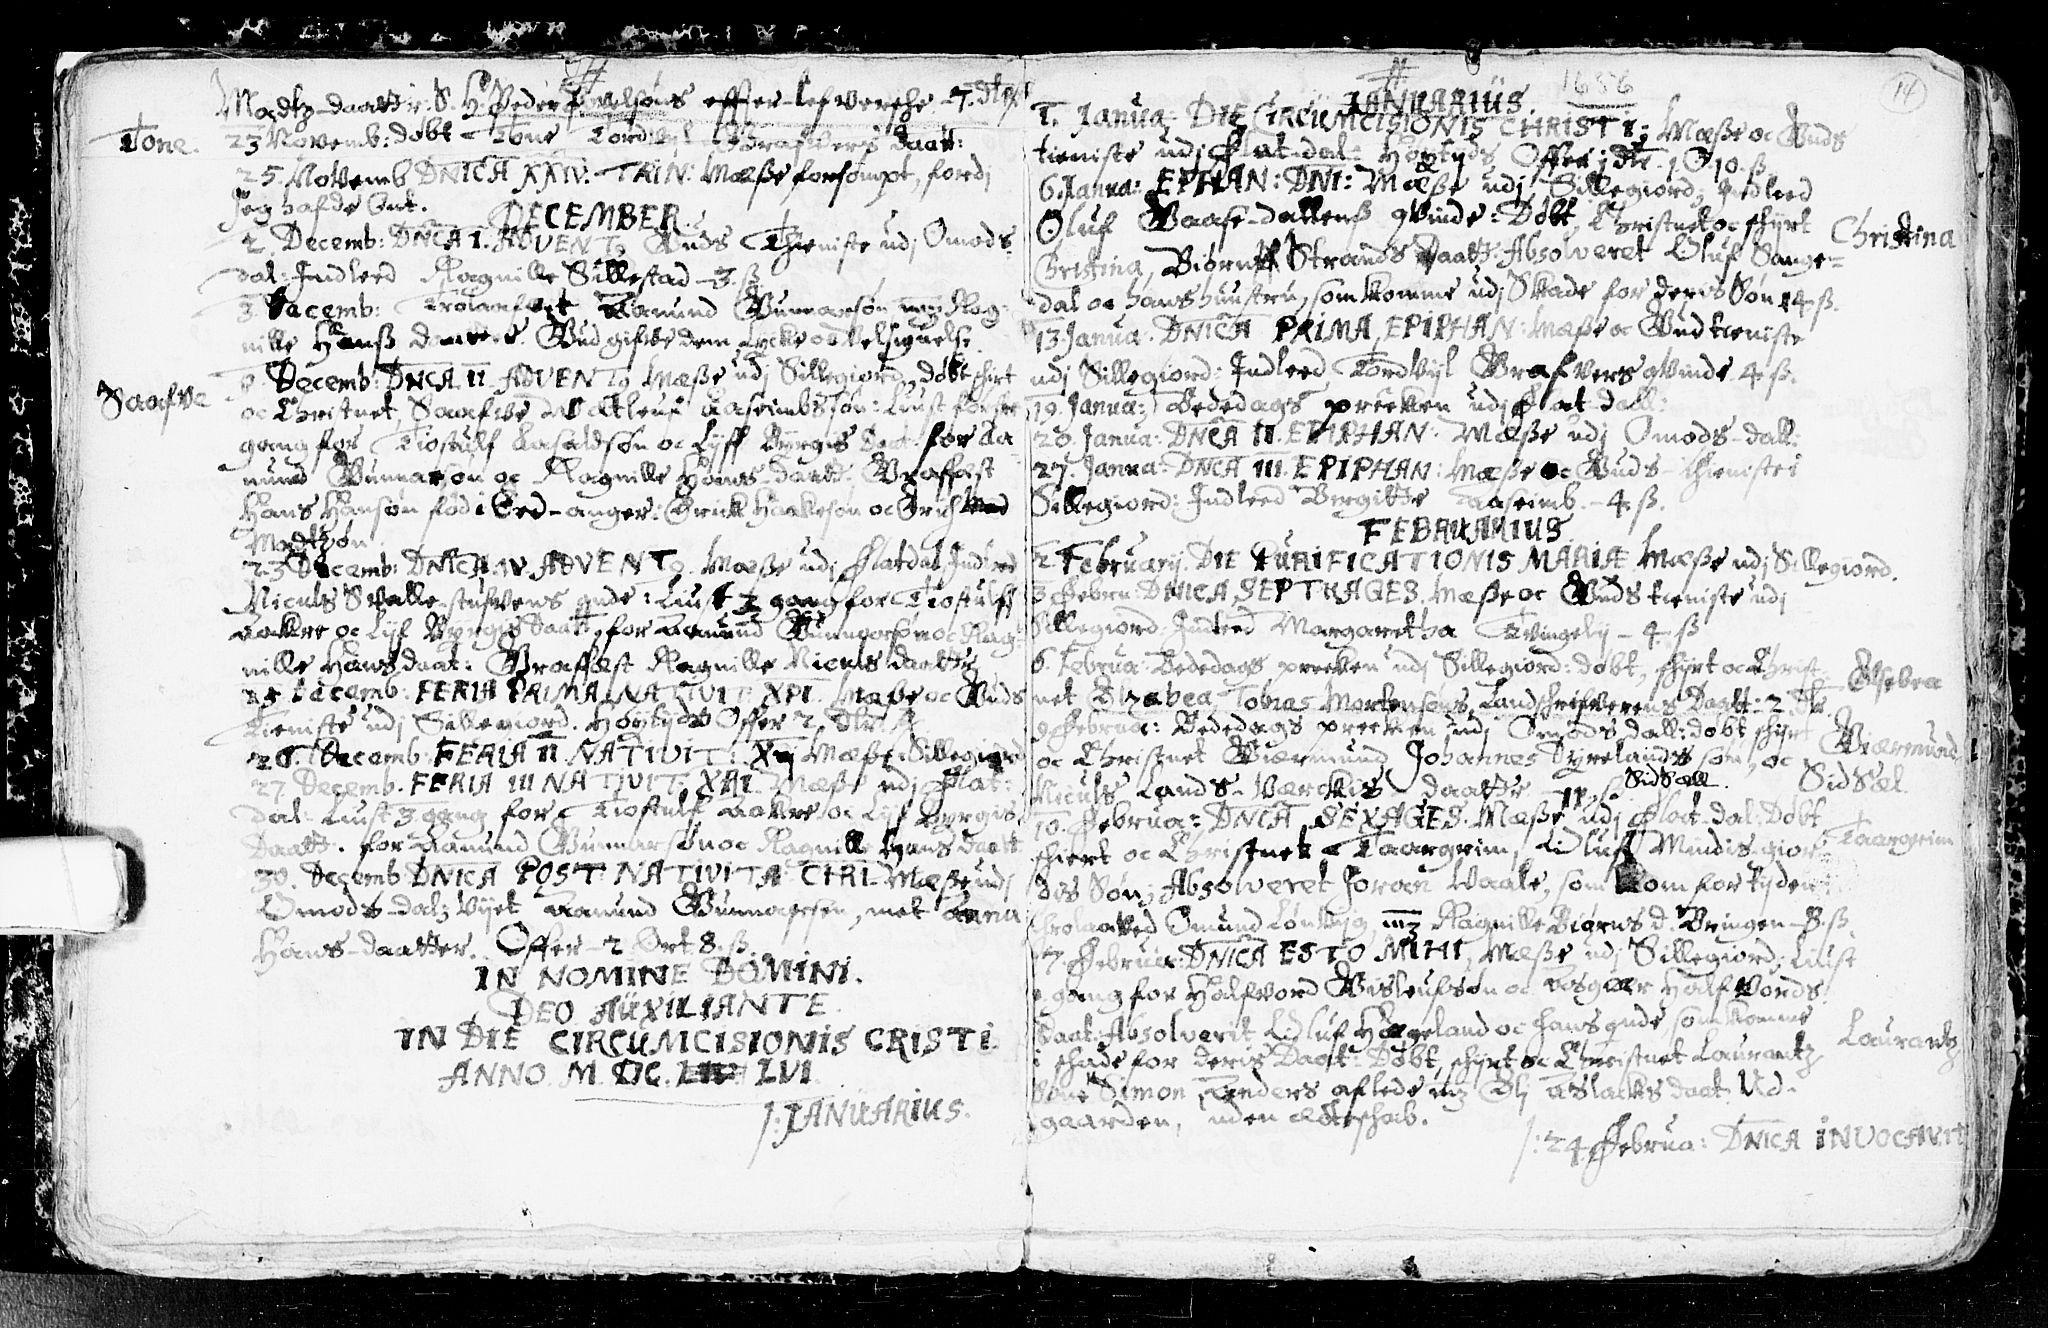 SAKO, Seljord kirkebøker, F/Fa/L0001: Ministerialbok nr. I 1, 1654-1686, s. 14